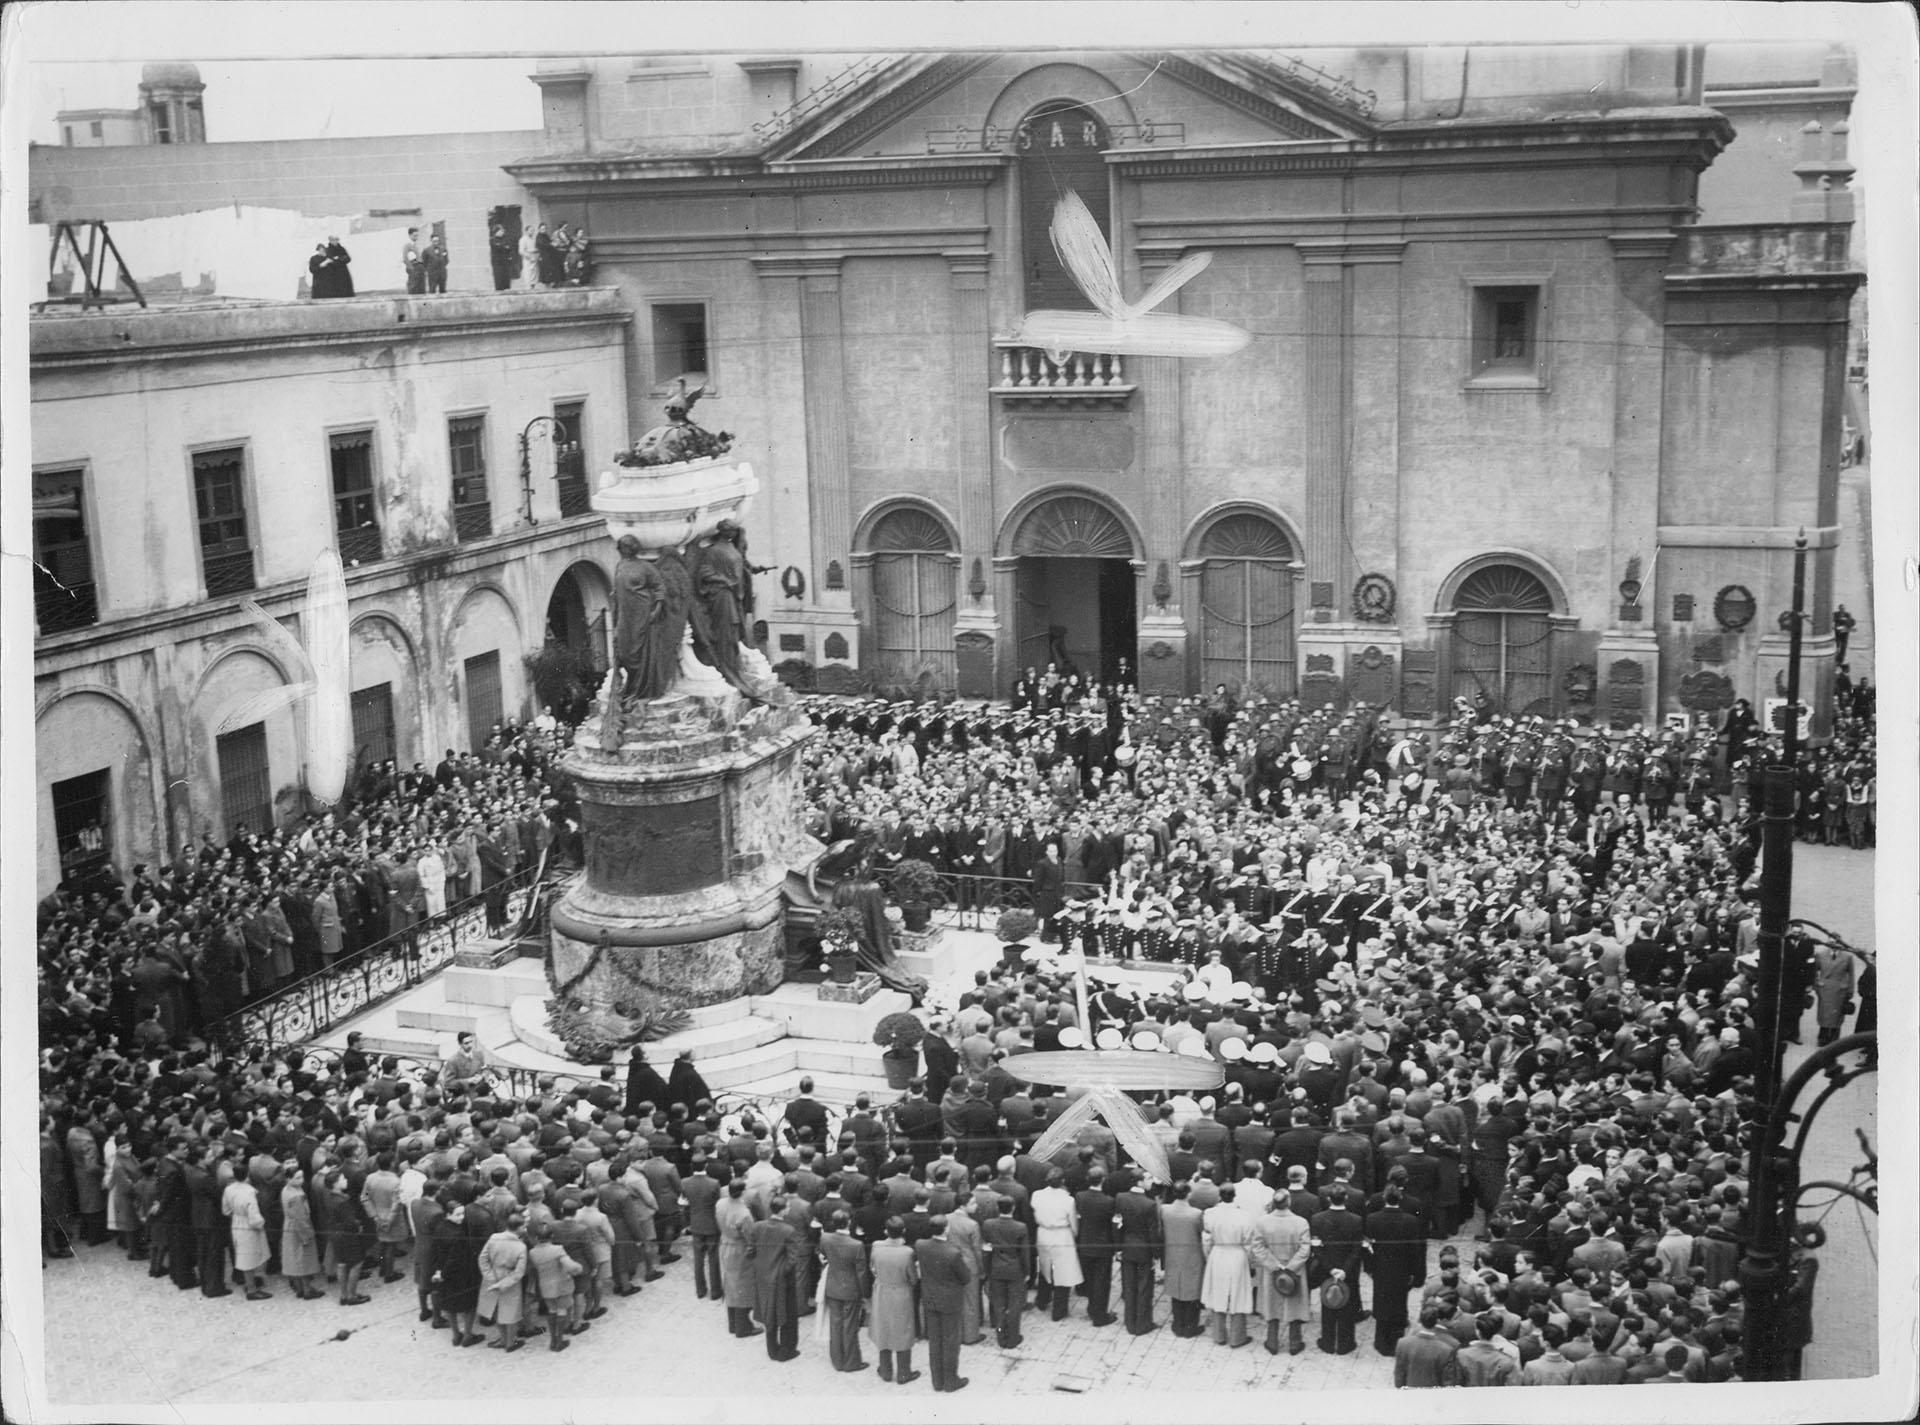 Acto en el Mausoleo de Belgrano, de bendición de la bandera y homenaje al general en un aniversario de su muerte, atrio de la Basílica del Santísimo Rosario y Convento de Santo Domingo (Archivo General de la Nación)